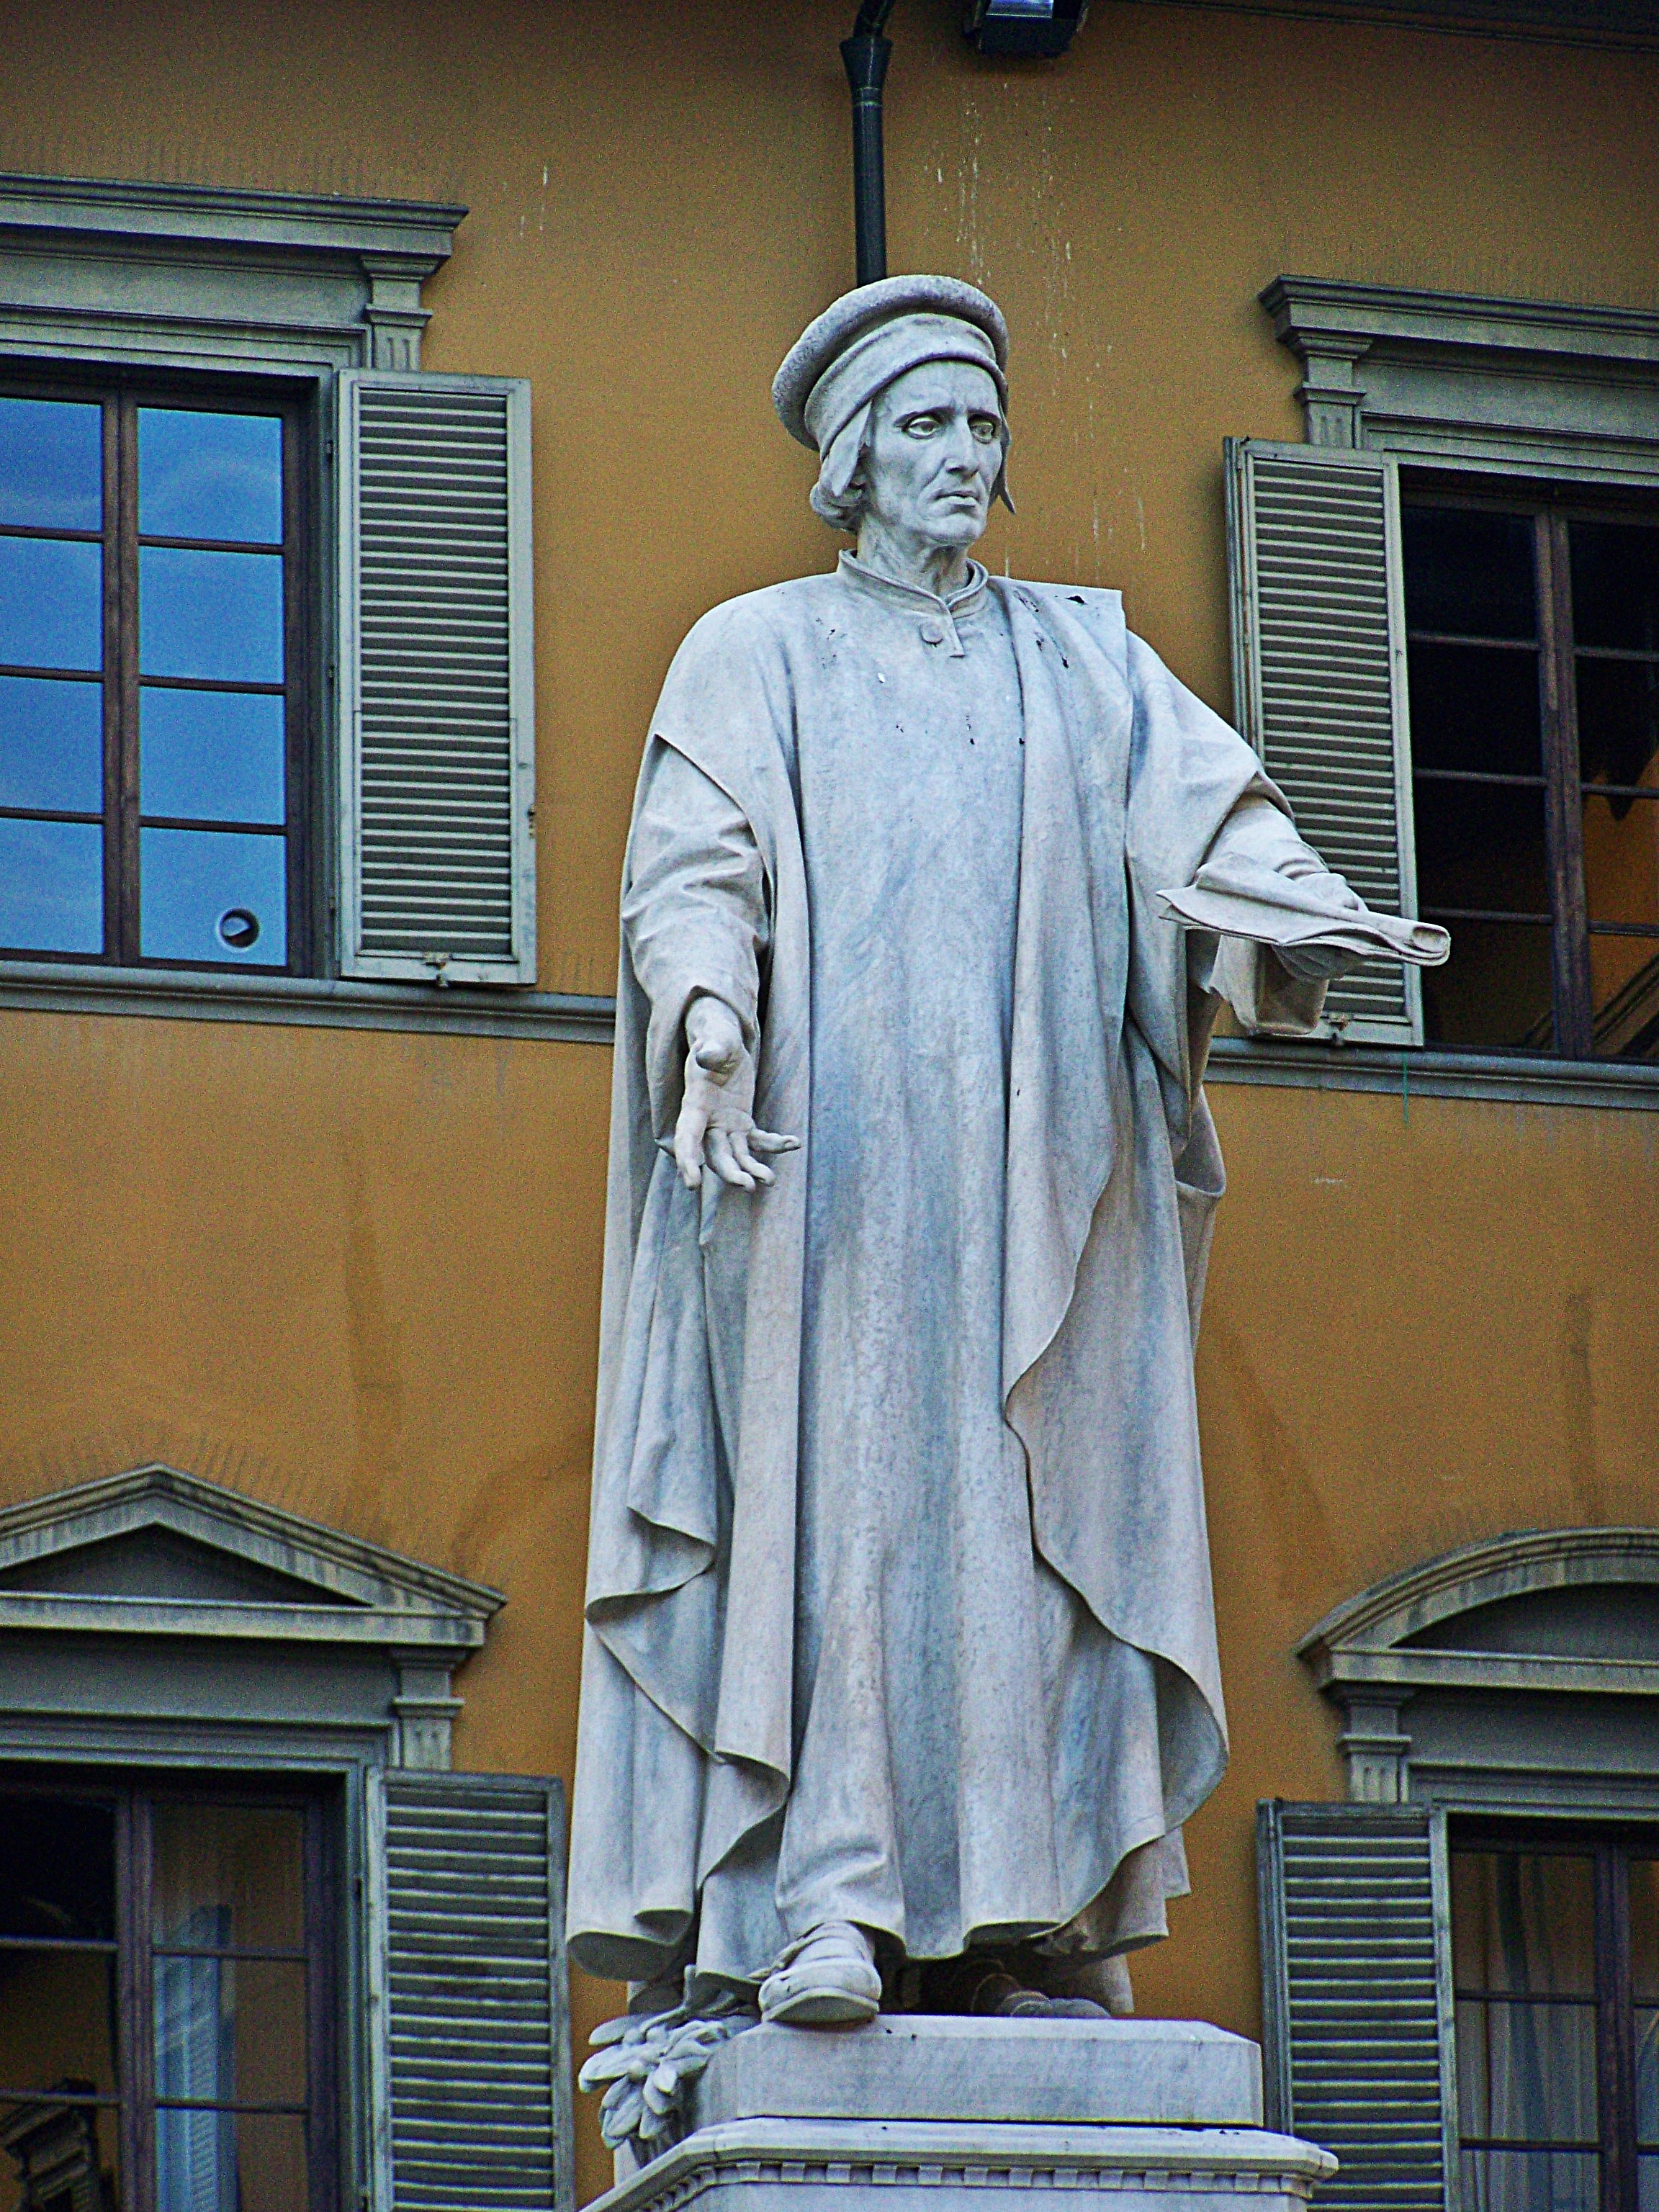 File:Monumento a Francesco di Marco Datini 4.jpg - Wikimedia Commons